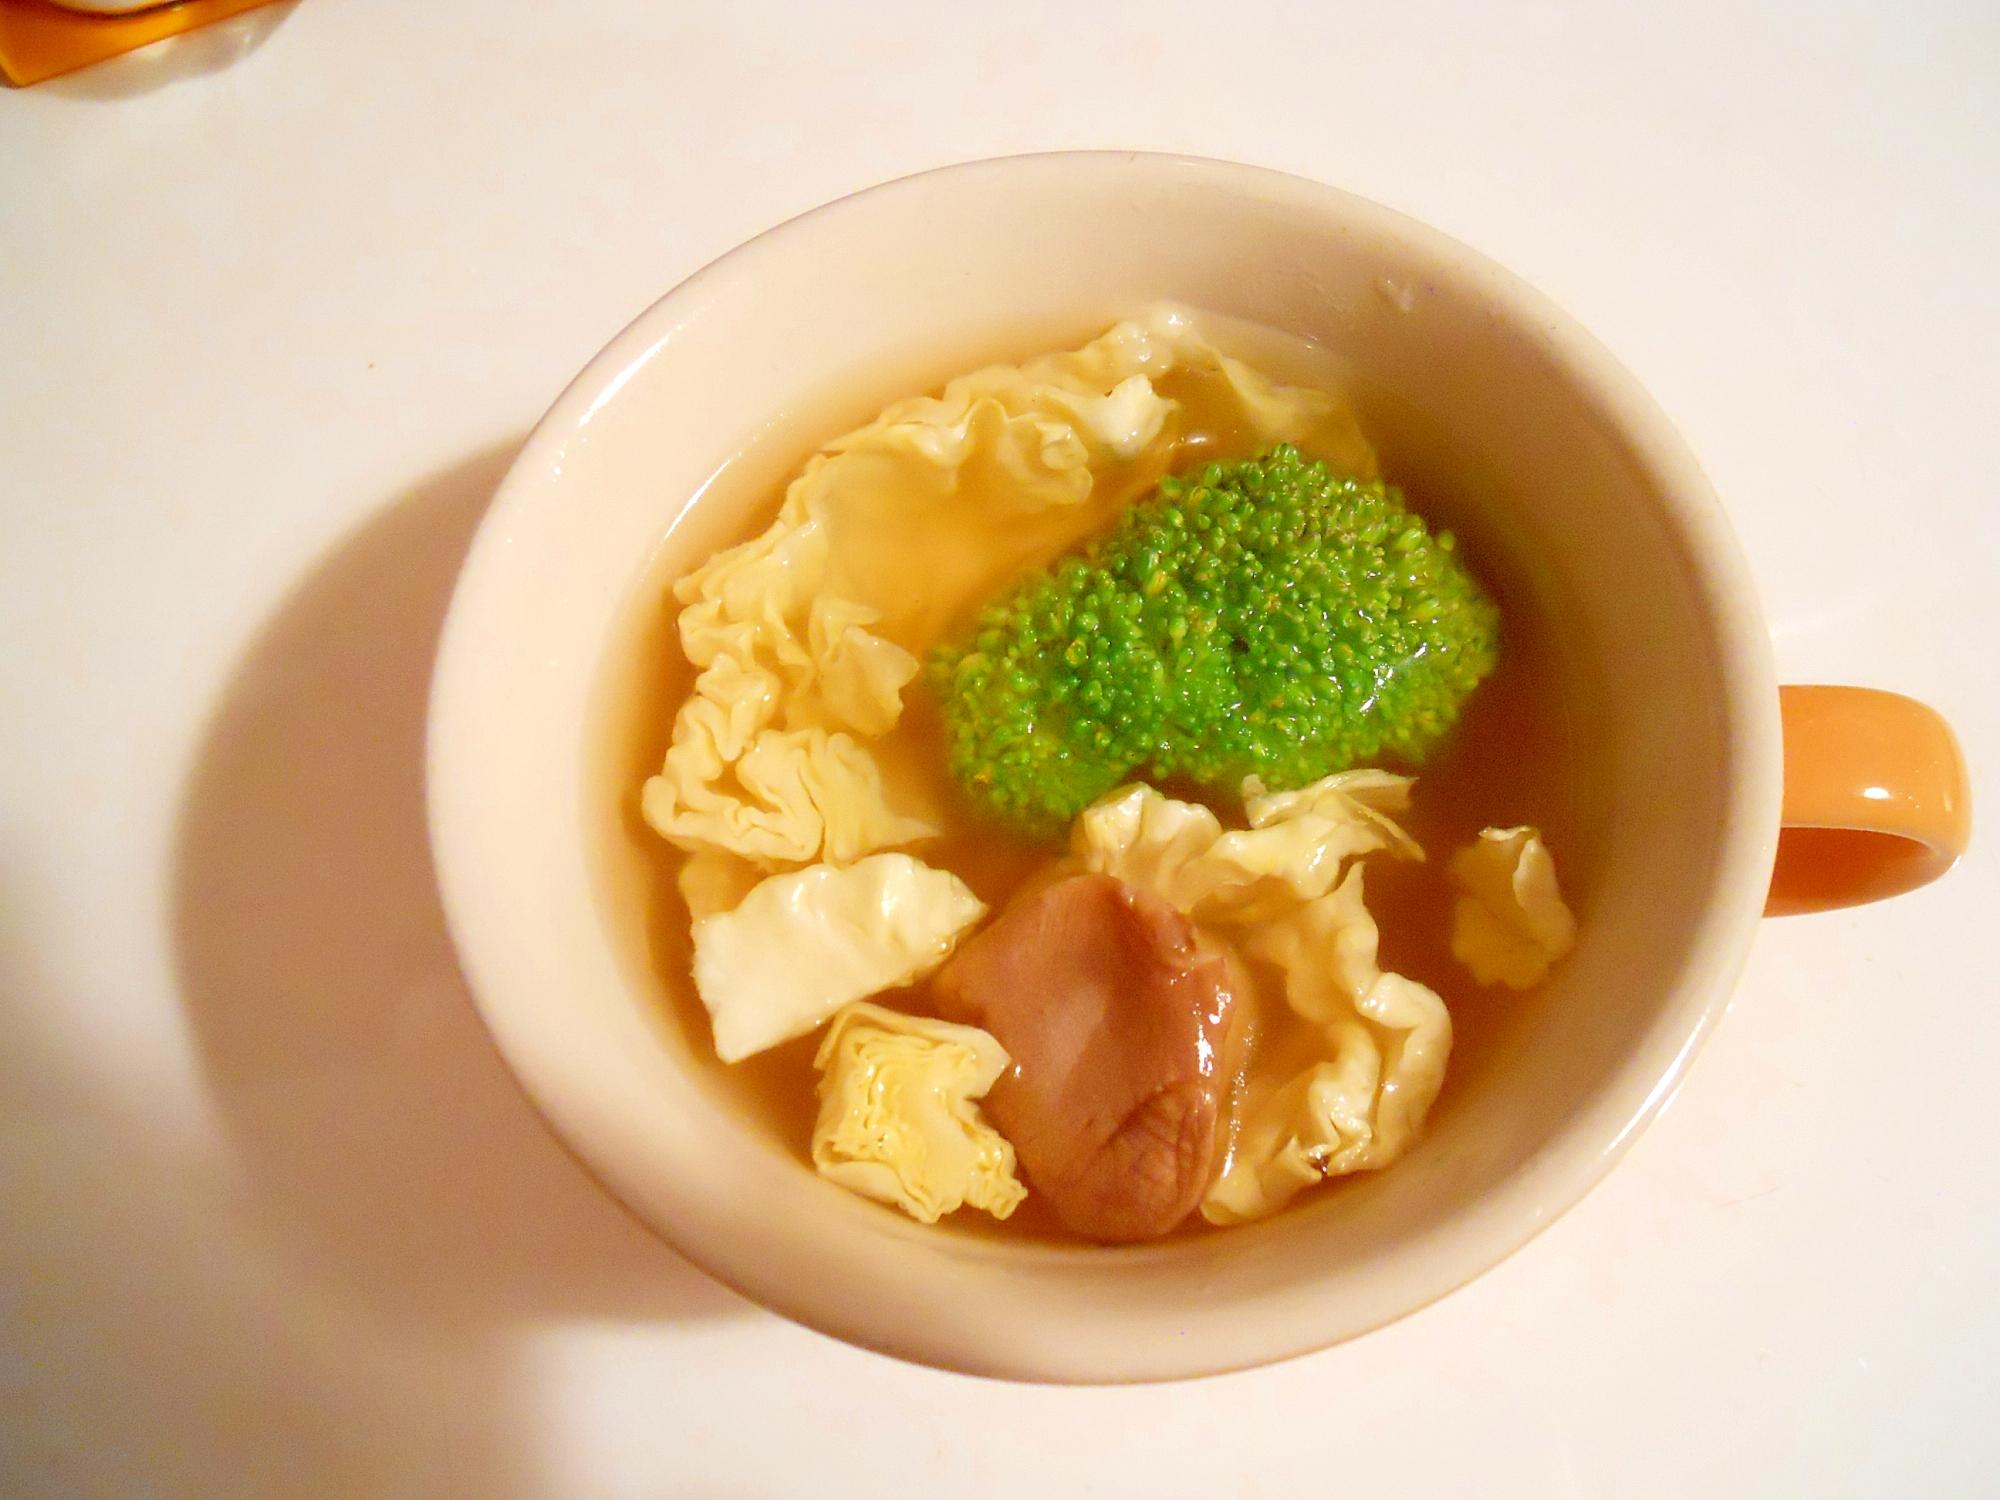 ブロッコリー&きゃべつ&エリンギでコンソメスープ